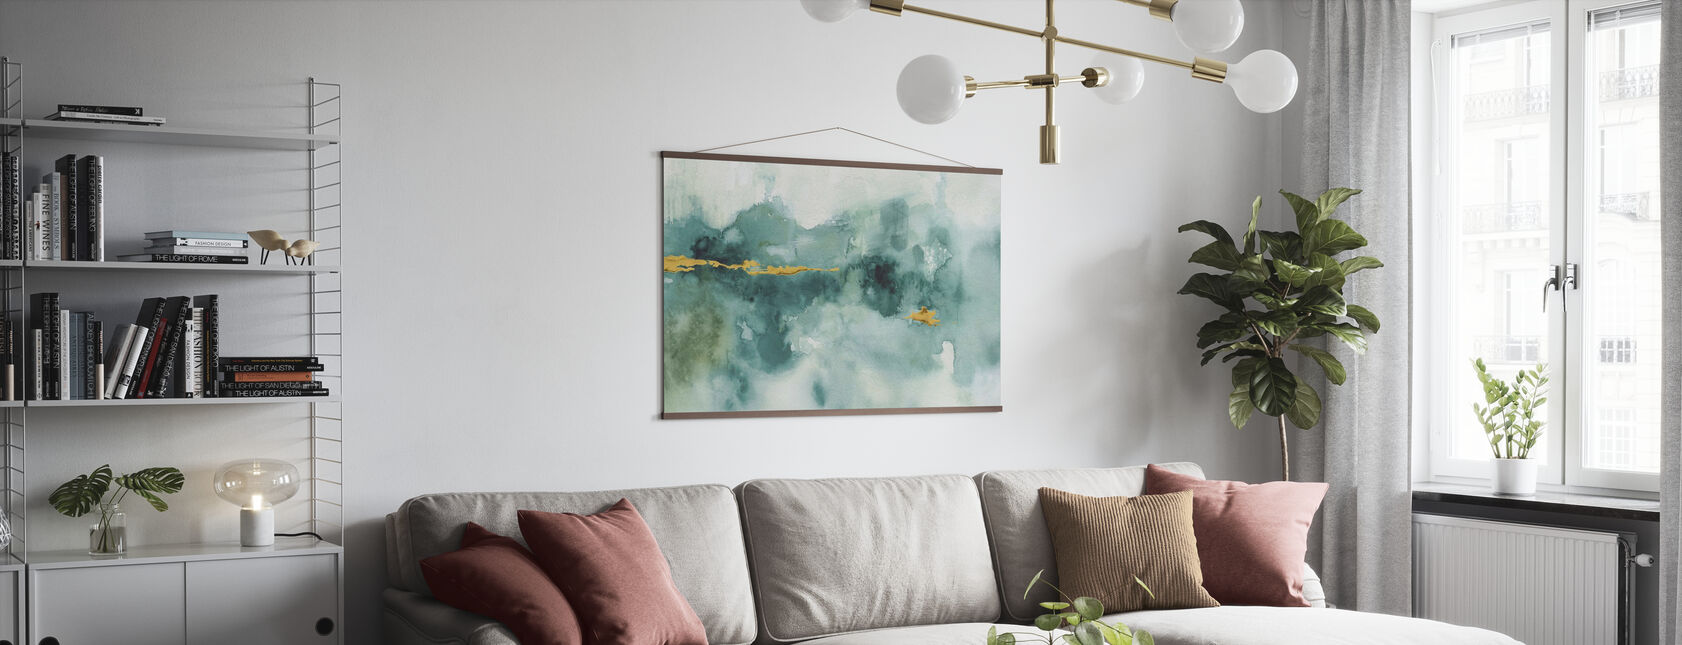 Min drivhus akvarell 3 - Plakat - Stue